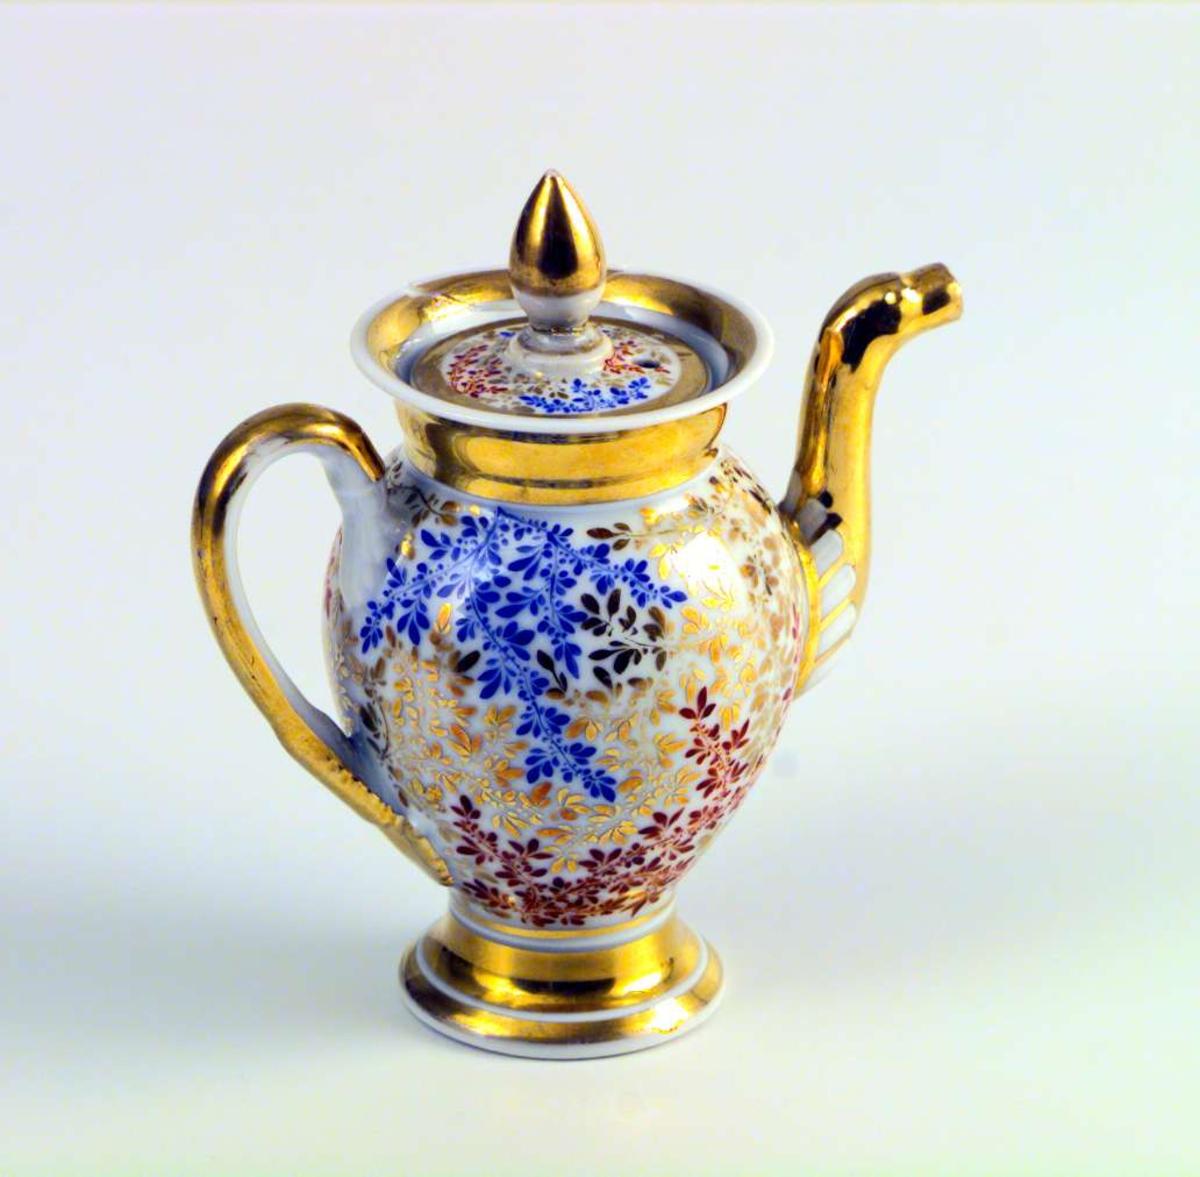 Kaffe-/tekanne med lokk i hvitt porselen malt med bladverk i rødt, blått og gull. Forgylte kanter på fotring og langs kanten på kannen. Forgylt hank og tut. Forgylt lokkgrep og forgylt kant på lokket. Kanten på kannen er limt.